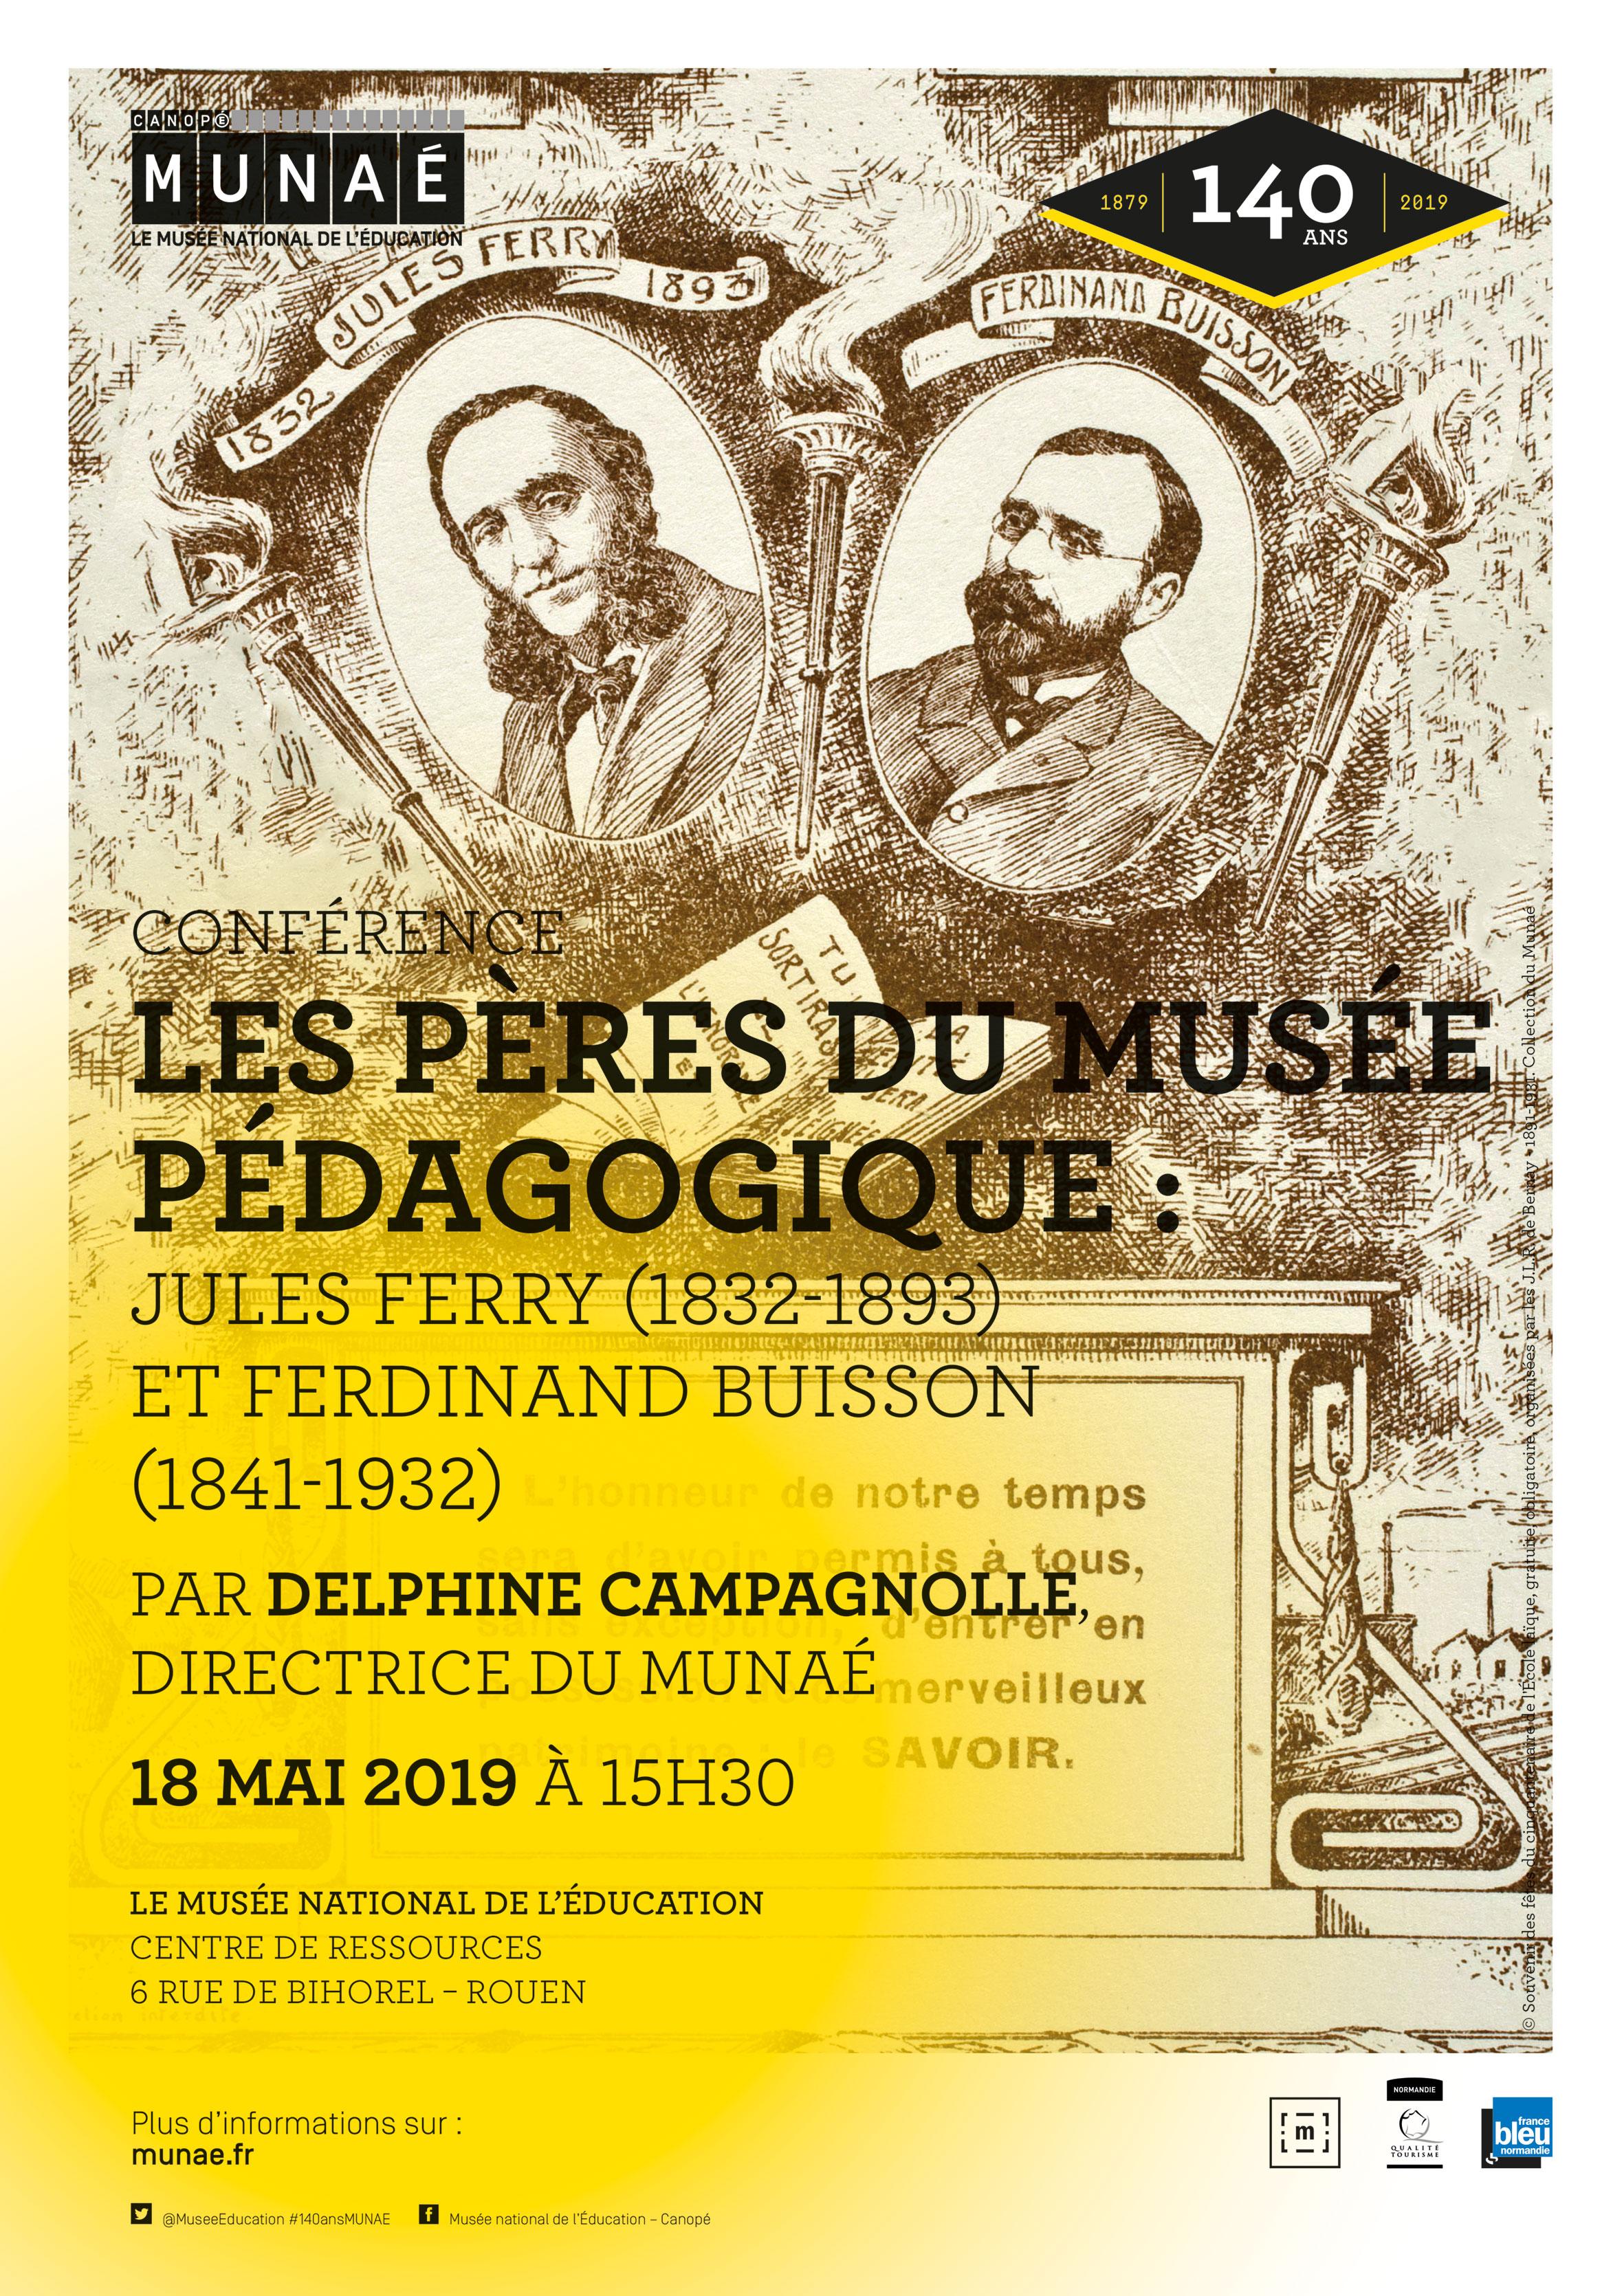 Les pères du Musée pédagogique, Jules Ferry et Ferdinand Buisson